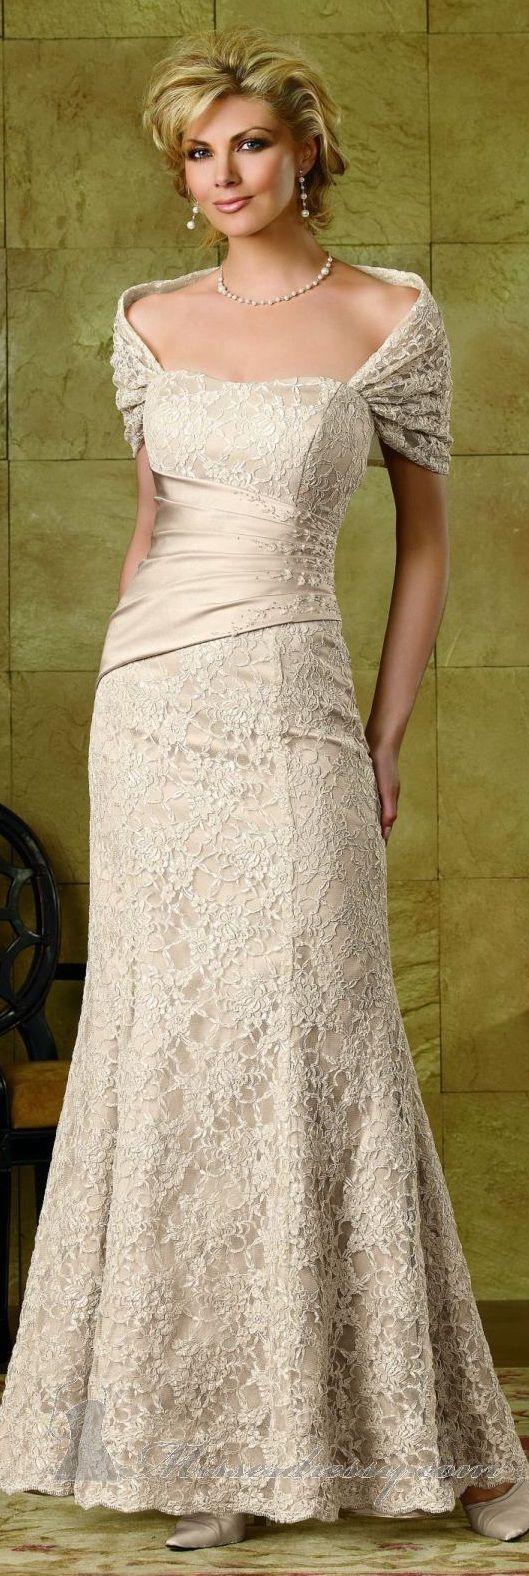 Designer Feature: Alita Graham Wedding Dresses | Pinterest | Couture ...